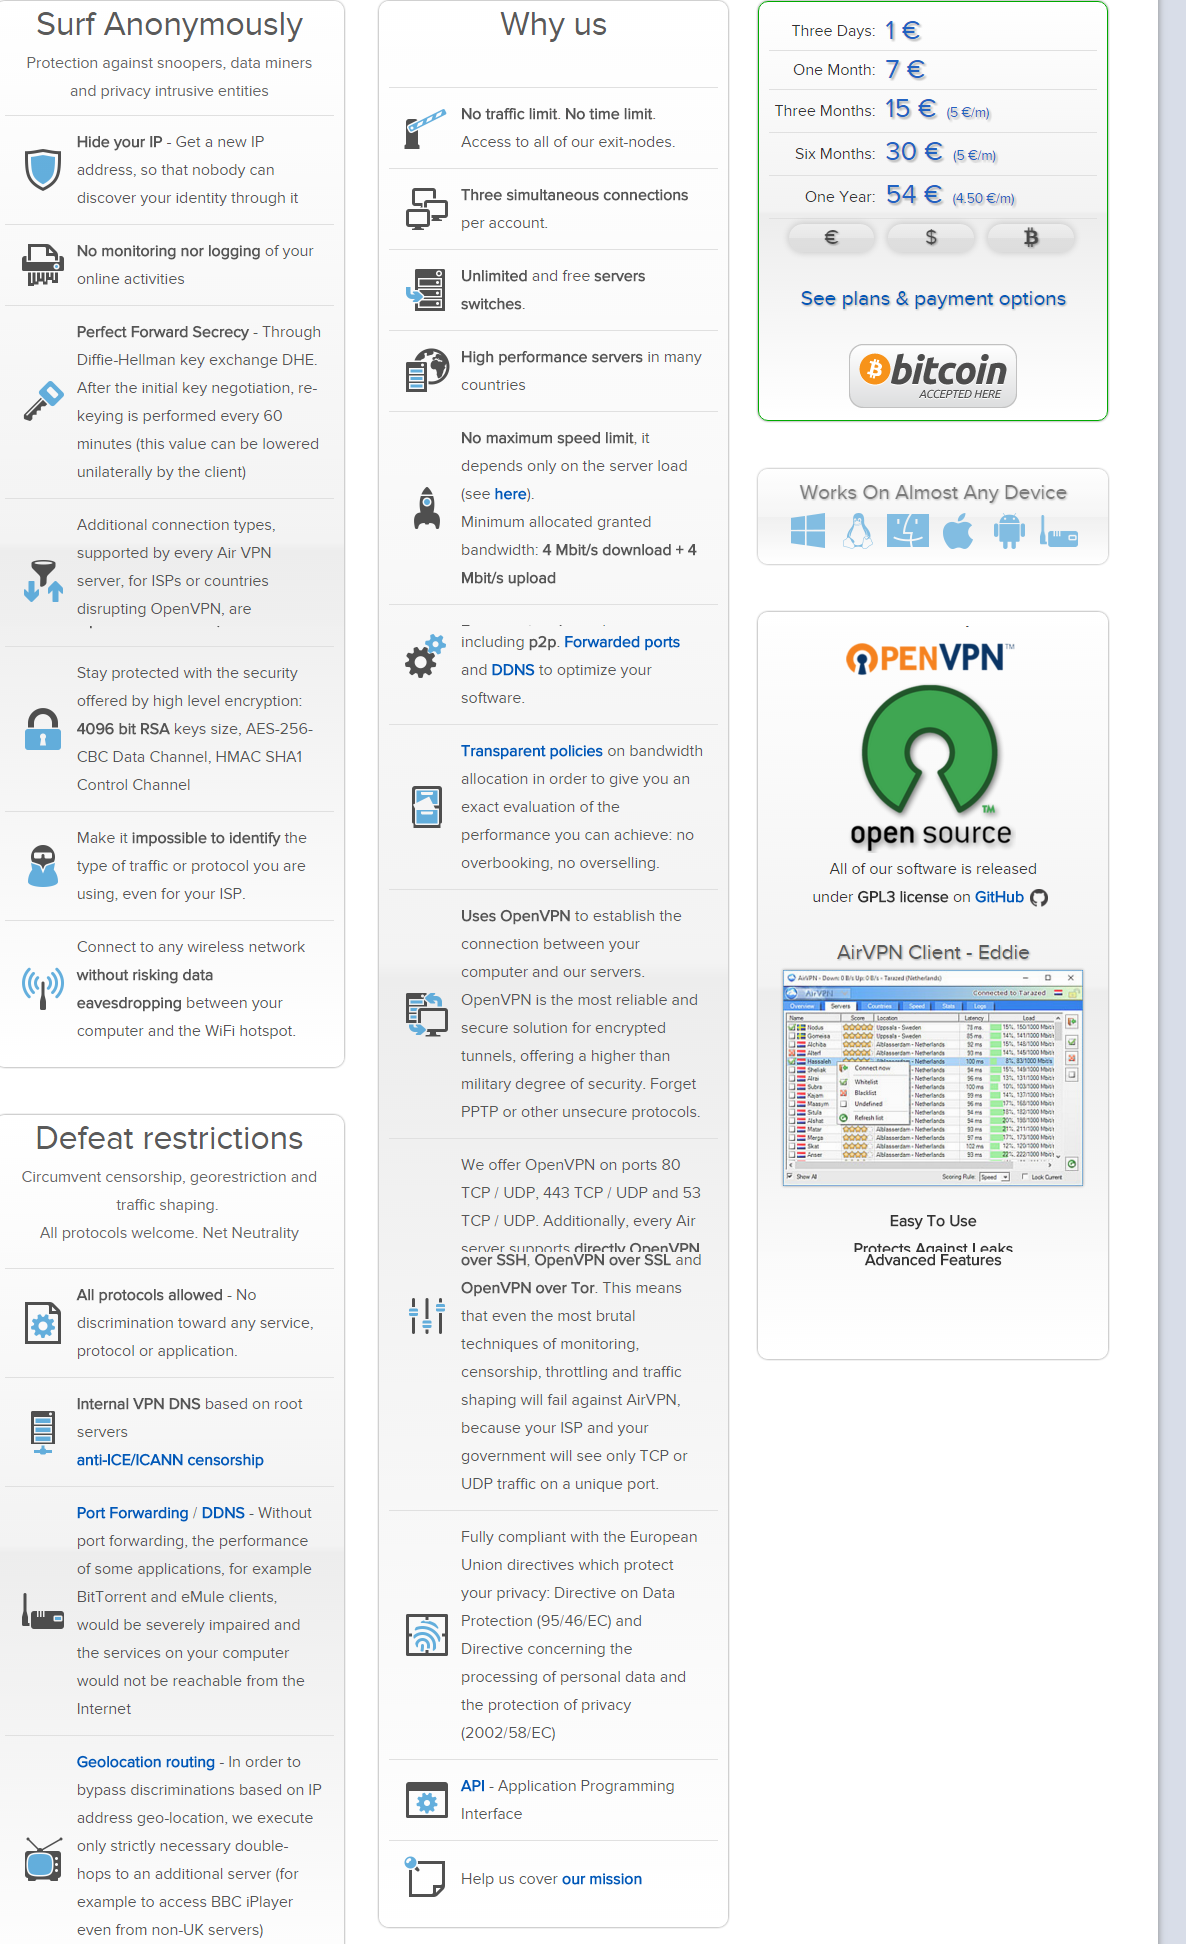 AirVPN VPN features